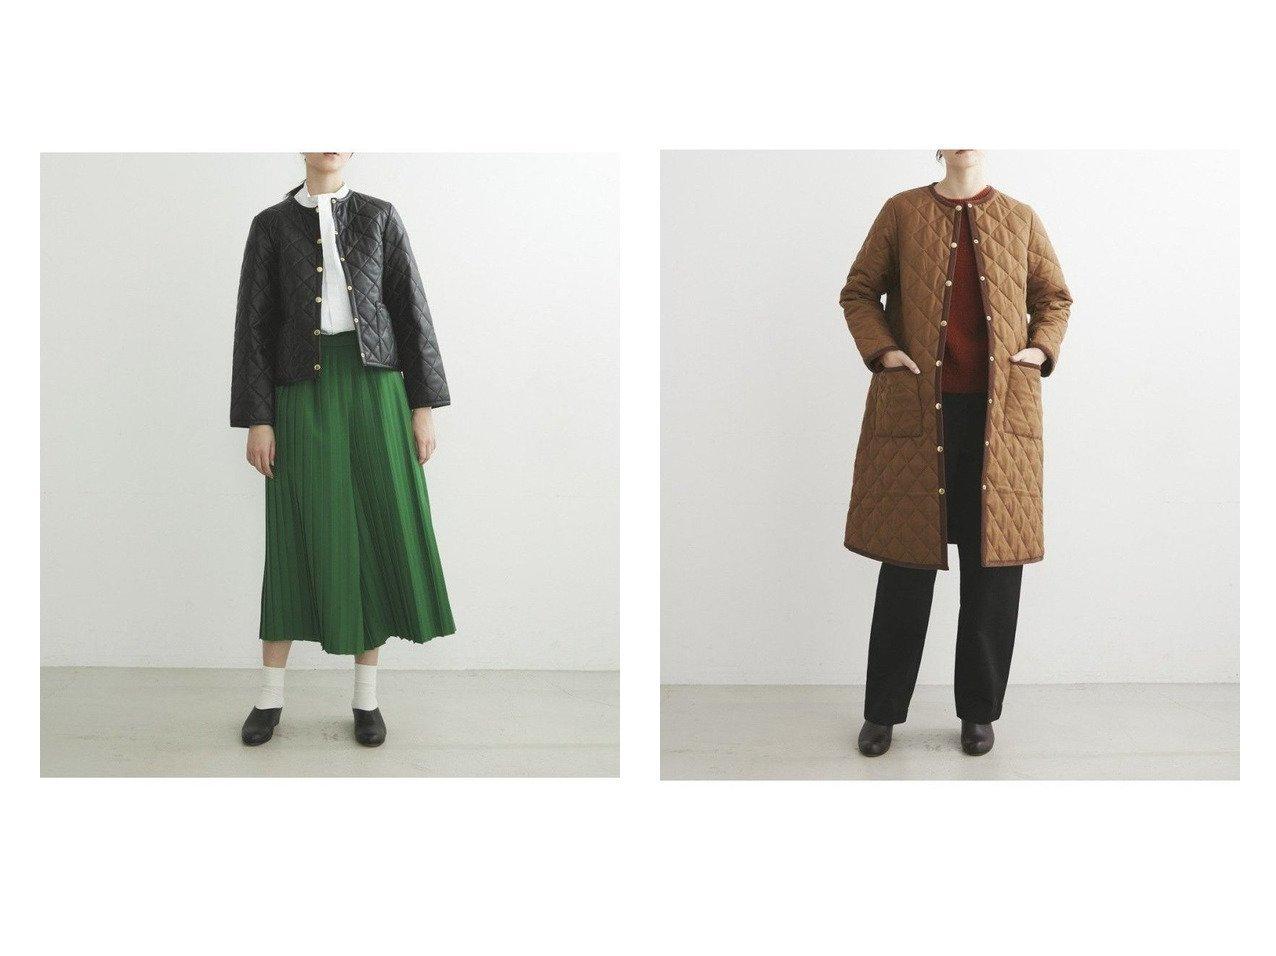 【TWW / Traditional Weatherwear/トラディショナル ウェザーウェア】のARKLEY&ARKLEY LONG アウターのおすすめ!人気トレンド・レディースファッションの通販 おすすめで人気の流行・トレンド、ファッションの通販商品 メンズファッション・キッズファッション・インテリア・家具・レディースファッション・服の通販 founy(ファニー) https://founy.com/ ファッション Fashion レディースファッション WOMEN アウター Coat Outerwear コート Coats ジャケット Jackets インナー キルティング コンパクト ジャケット ストレッチ ストール ドット パイピング フォルム マフラー リアル リュクス ロング 定番 テーパード 軽量 |ID:crp329100000008583